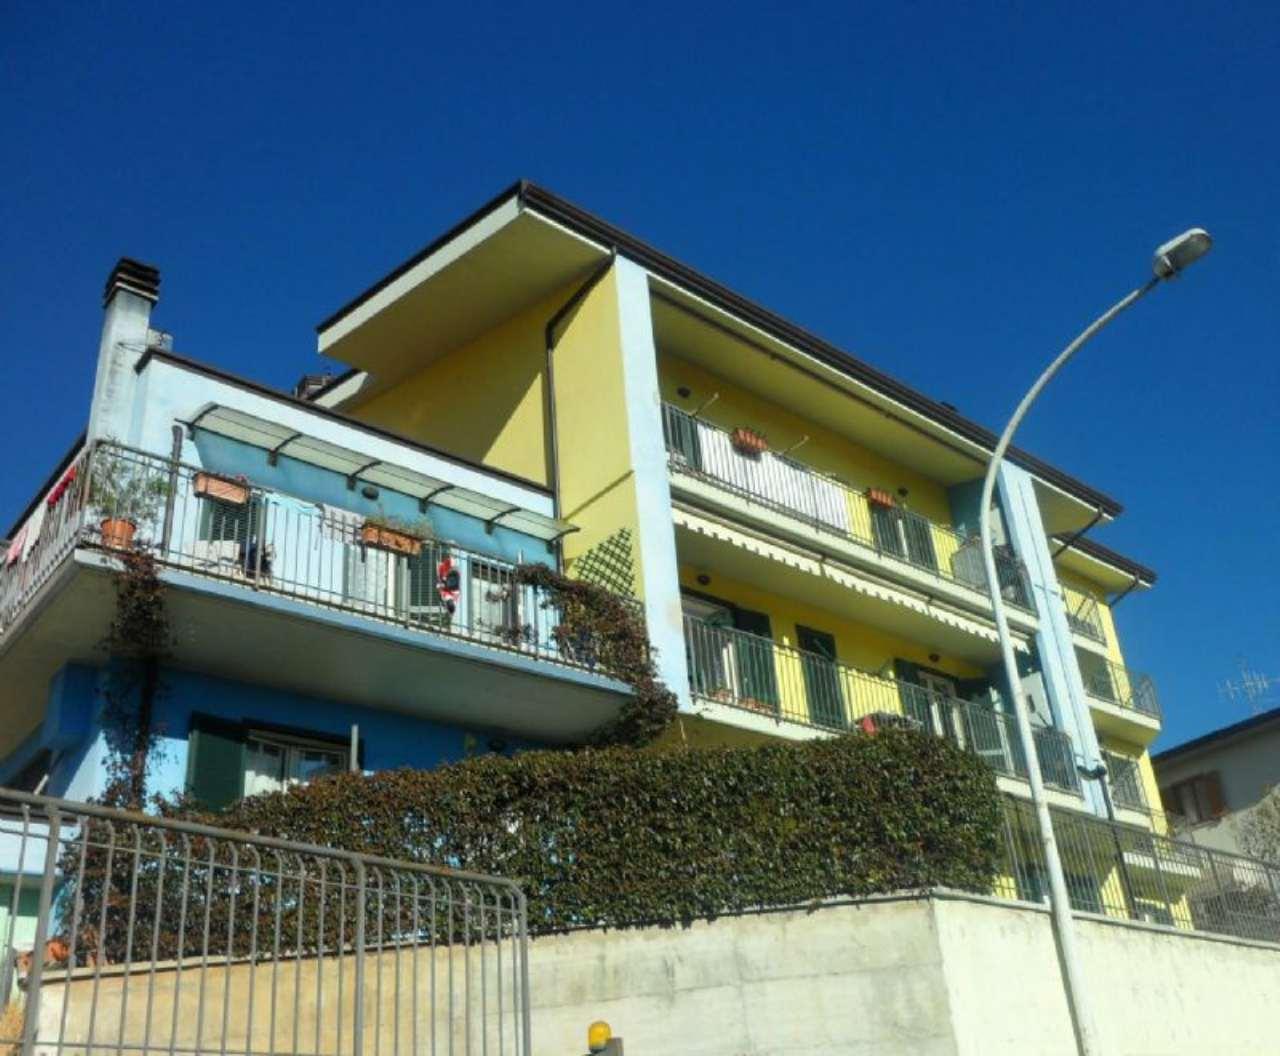 Attico / Mansarda in vendita a Fiuggi, 4 locali, prezzo € 65.000 | Cambio Casa.it